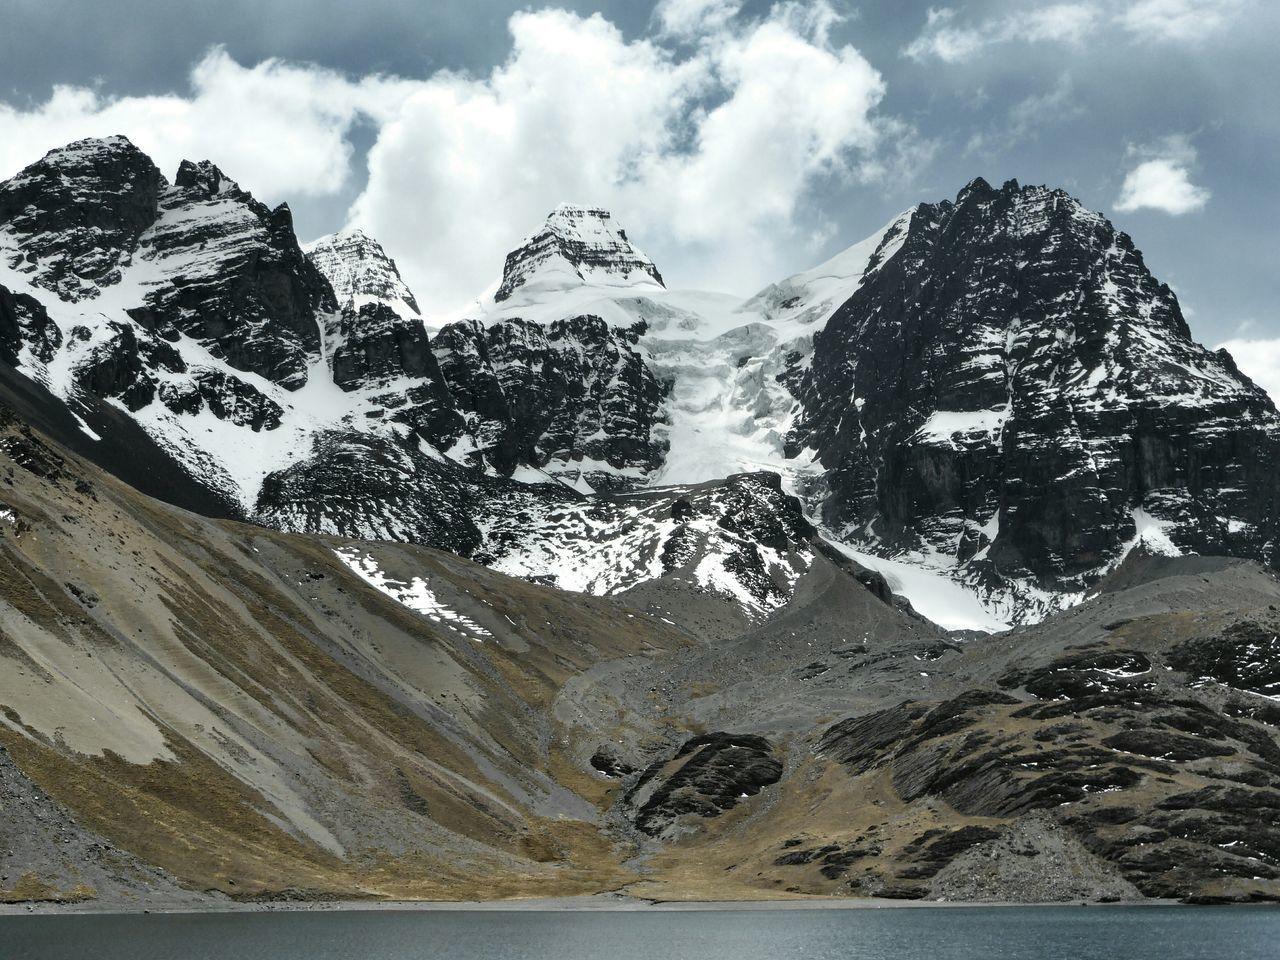 Peru PÉROU Condoriri Cordillère Royale Cordillera De Los Andes